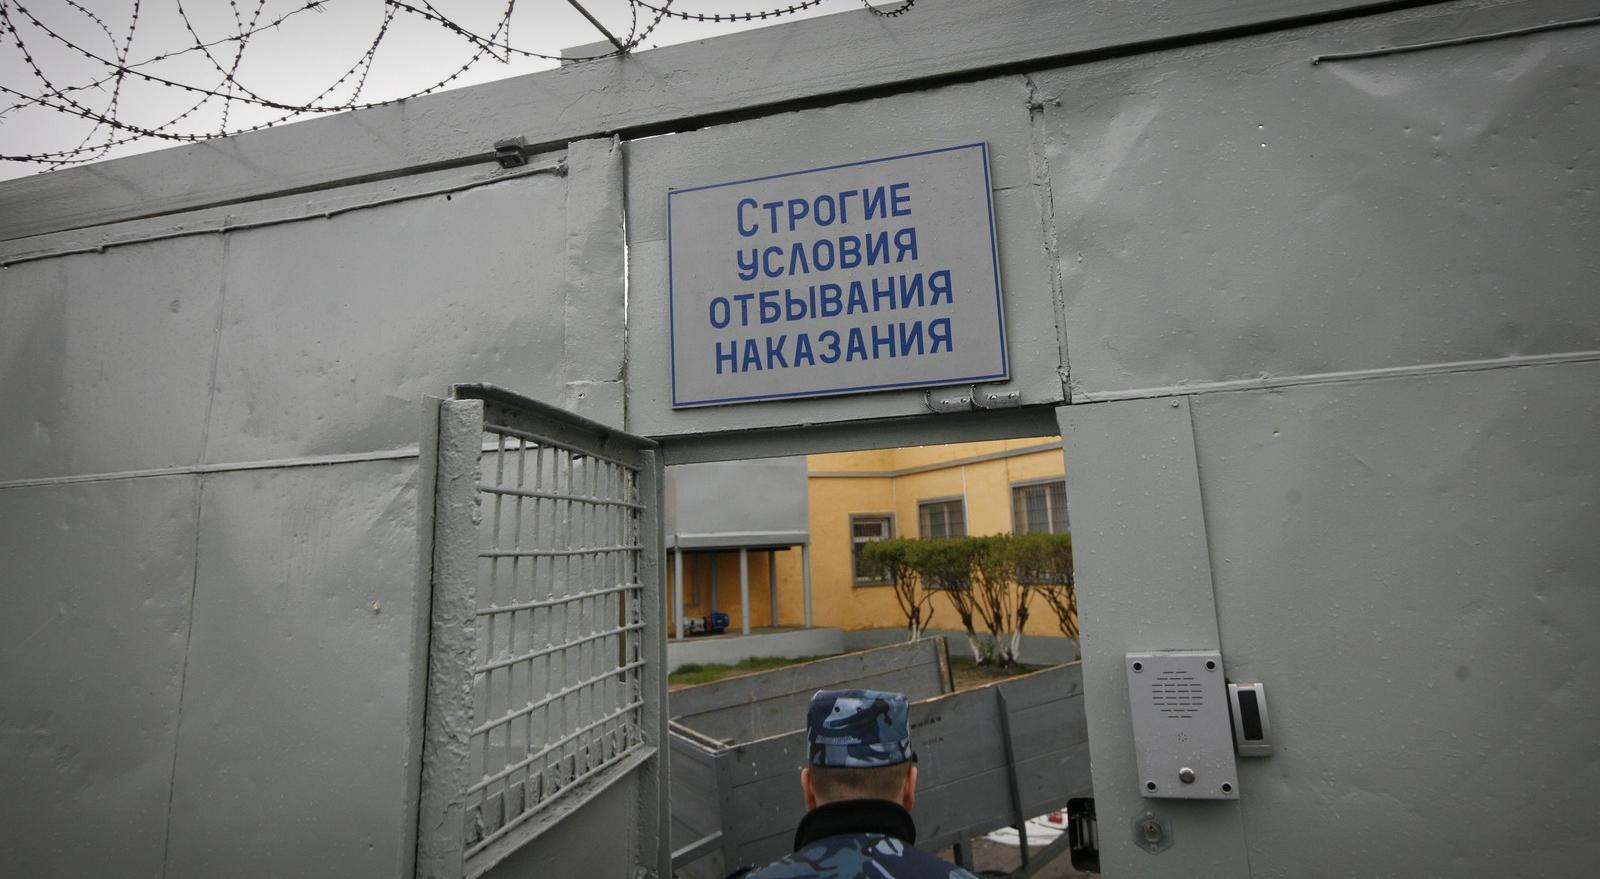 В Тверской области вынесли приговор мужчине, убившему человека в драке